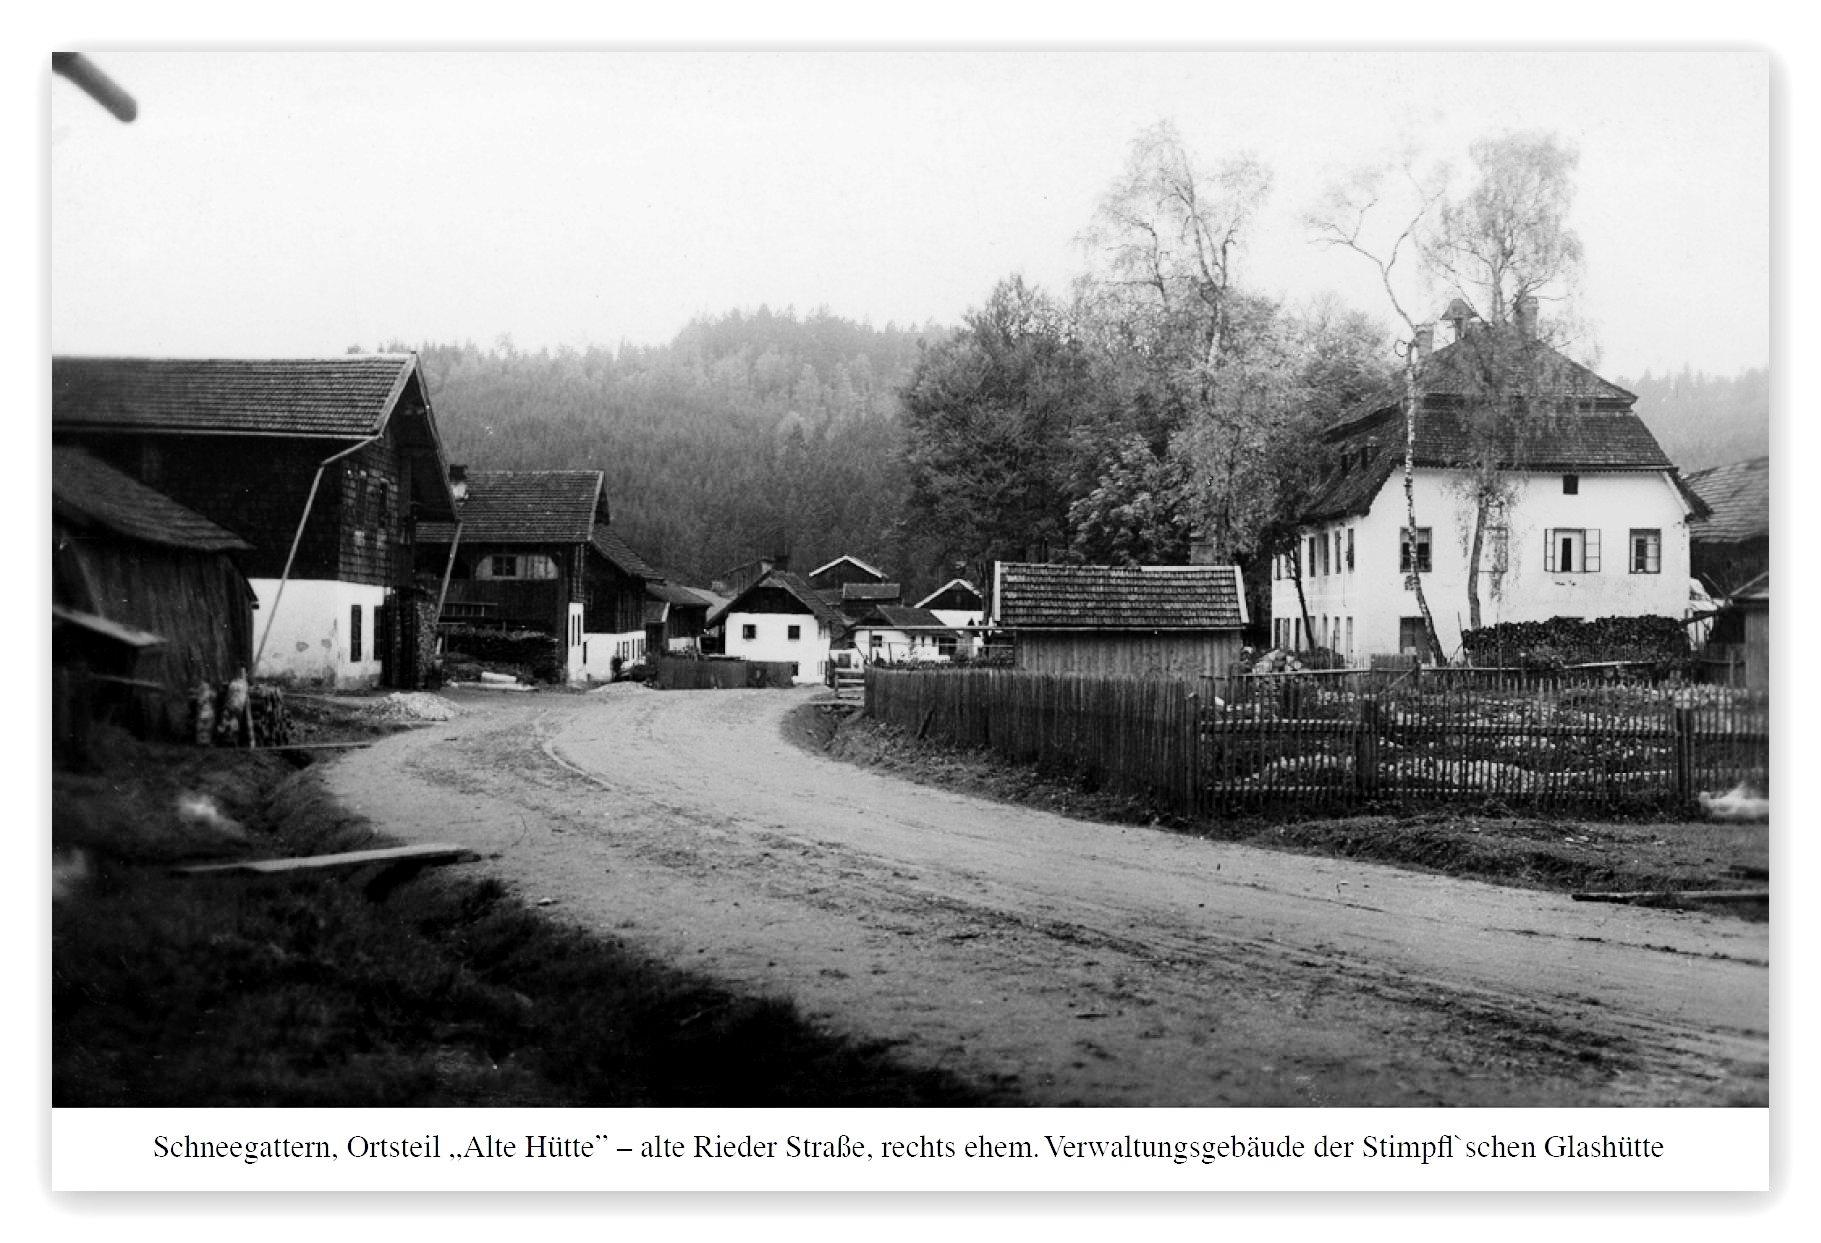 https://0501.nccdn.net/4_2/000/000/038/2d3/Ortsteil-Alte-H--tte-mit-Verwaltungsgeb--ude-der-Glash--tte.jpg